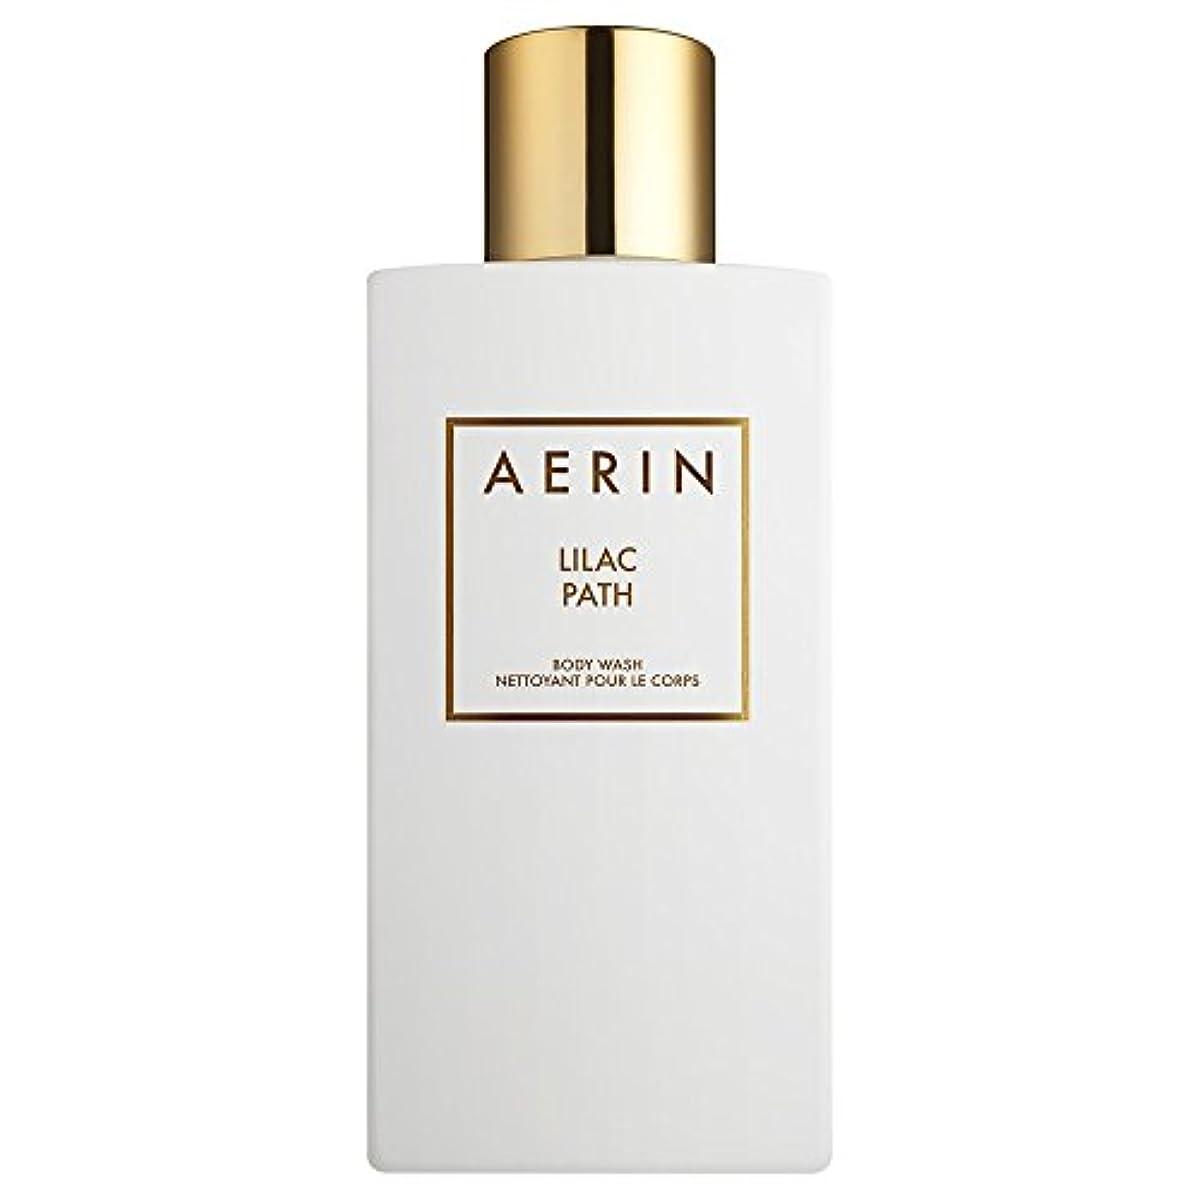 震えるベース子Aerinライラックパスボディウォッシュ225ミリリットル (AERIN) (x2) - AERIN Lilac Path Bodywash 225ml (Pack of 2) [並行輸入品]